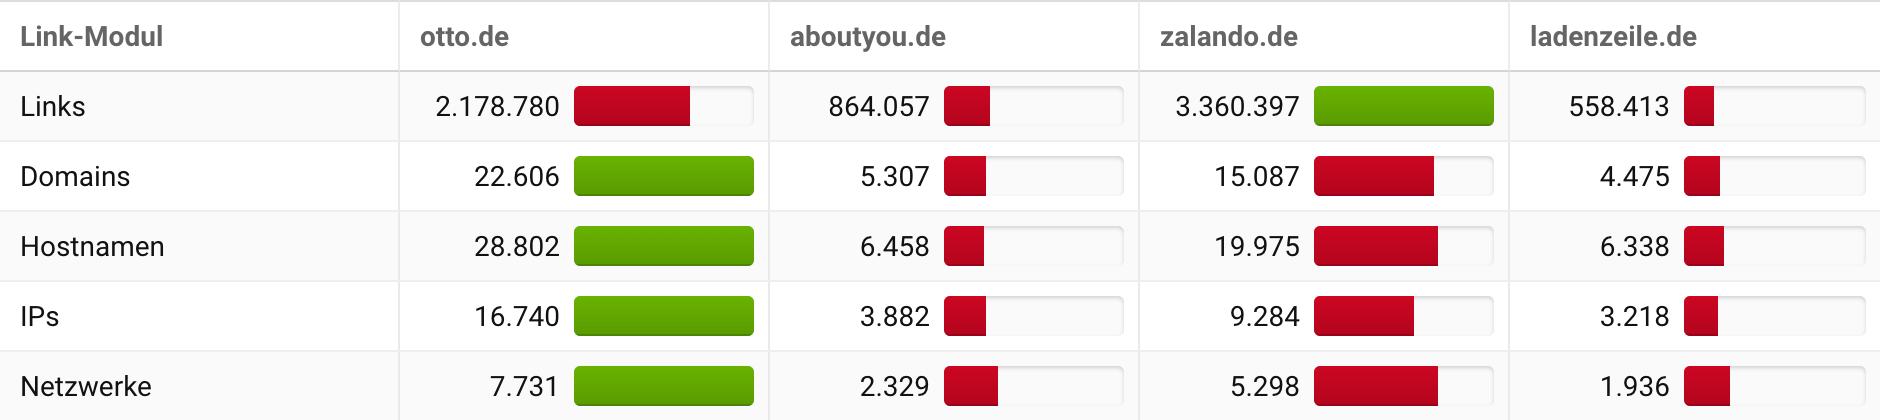 Ansicht der Link-Modul Daten der Wettbewerbsvergleich-Ansicht in der SISTRIX Toolbox für vier Domains.